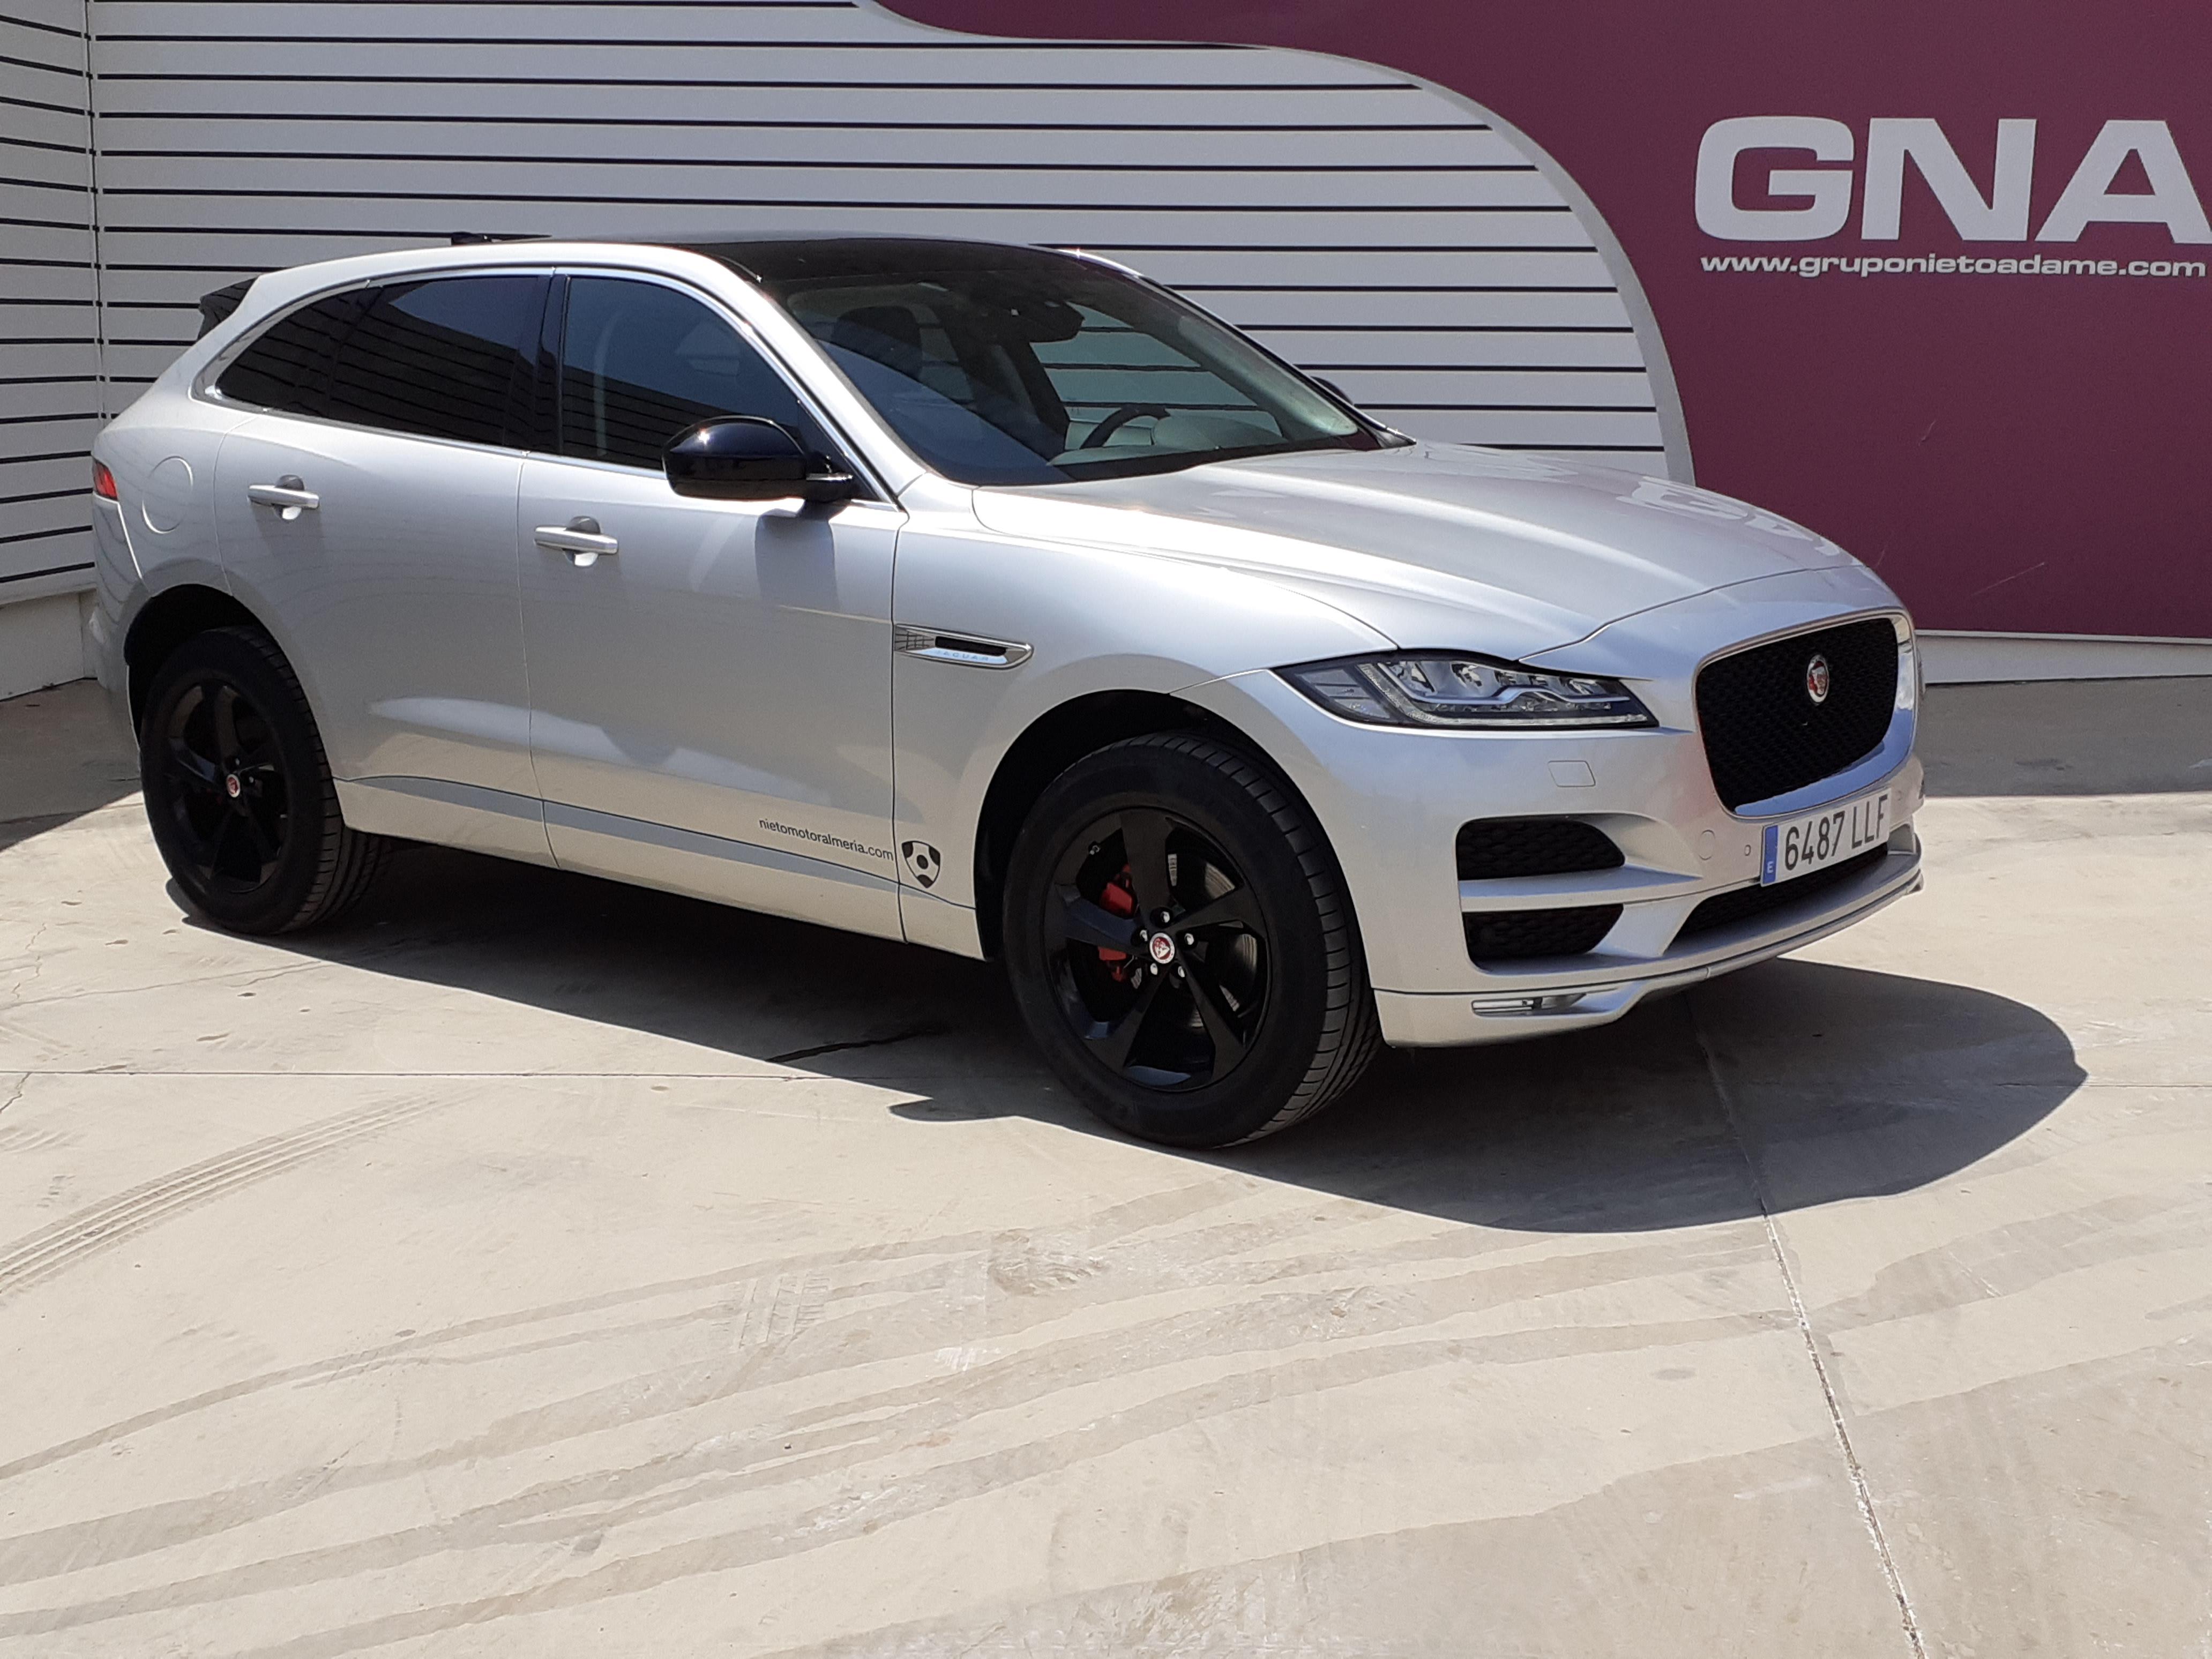 Jaguar F-Pace ocasión segunda mano 2020 Diésel por 49.990€ en Málaga